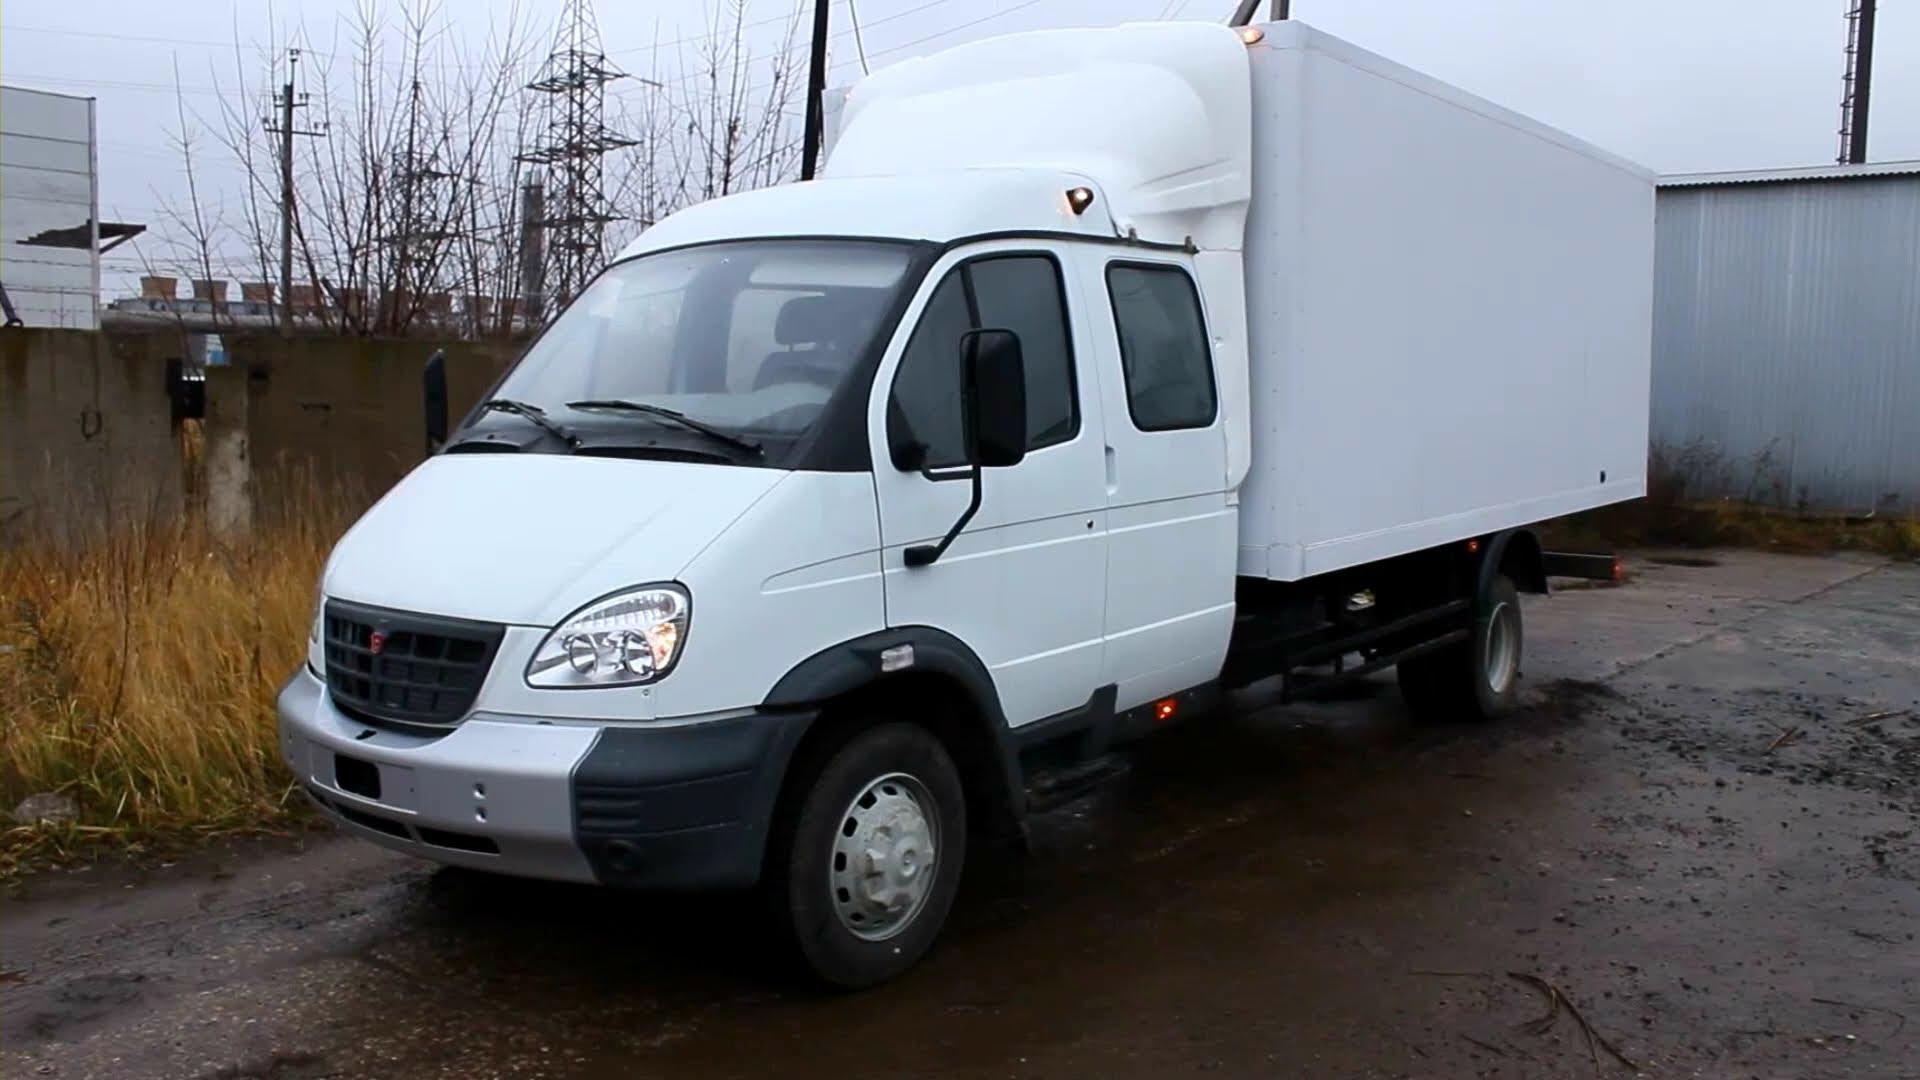 Продажа грузовиков ГАЗ 3310 Купить грузовик ГАЗ 3310 бу